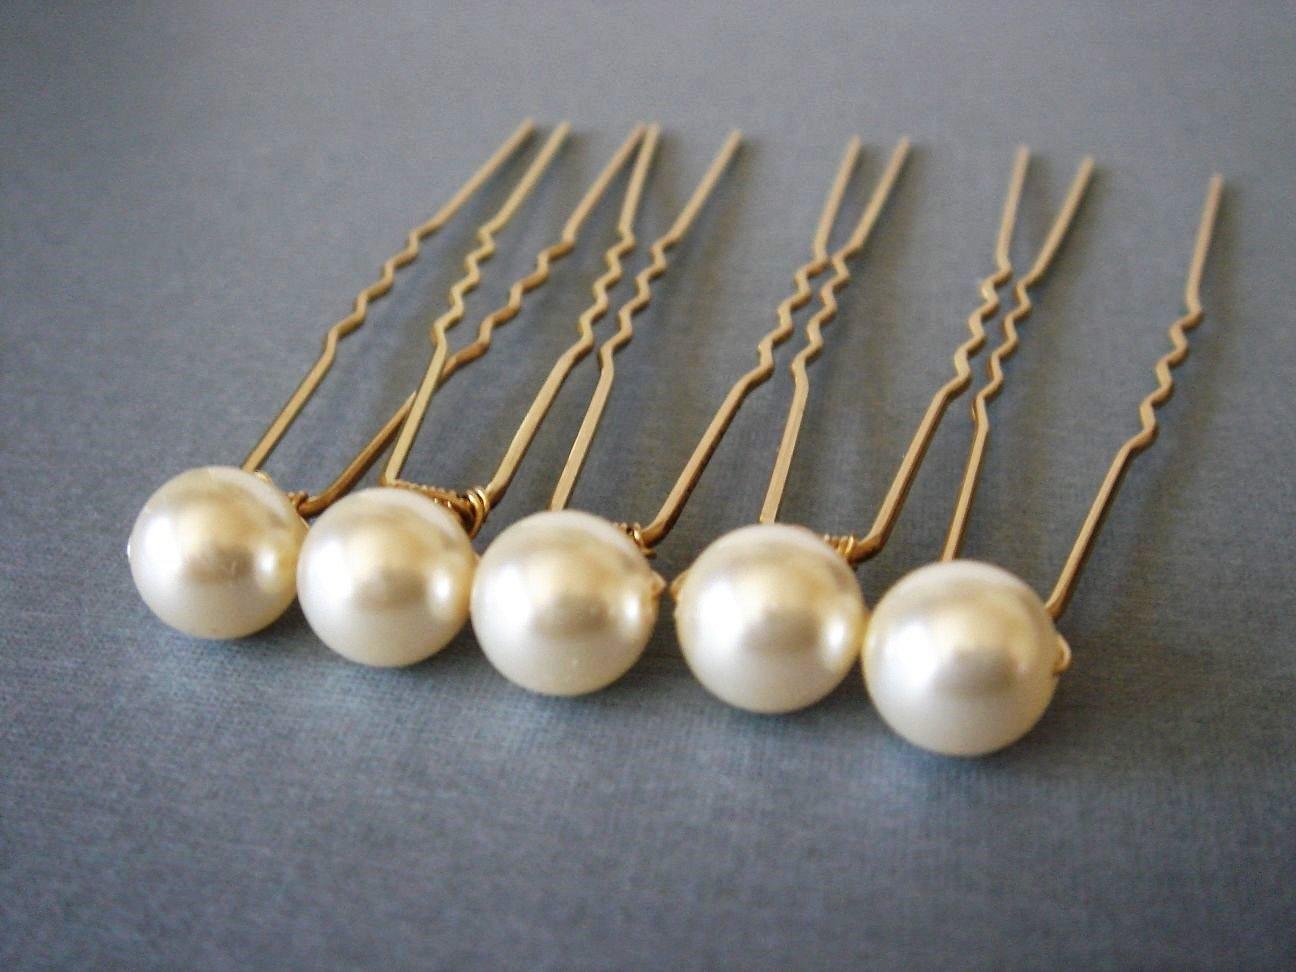 Gold Bridal Hair U Pin Swarovski Pearl - Gift Under 20 - Bridesmaid Present HG004